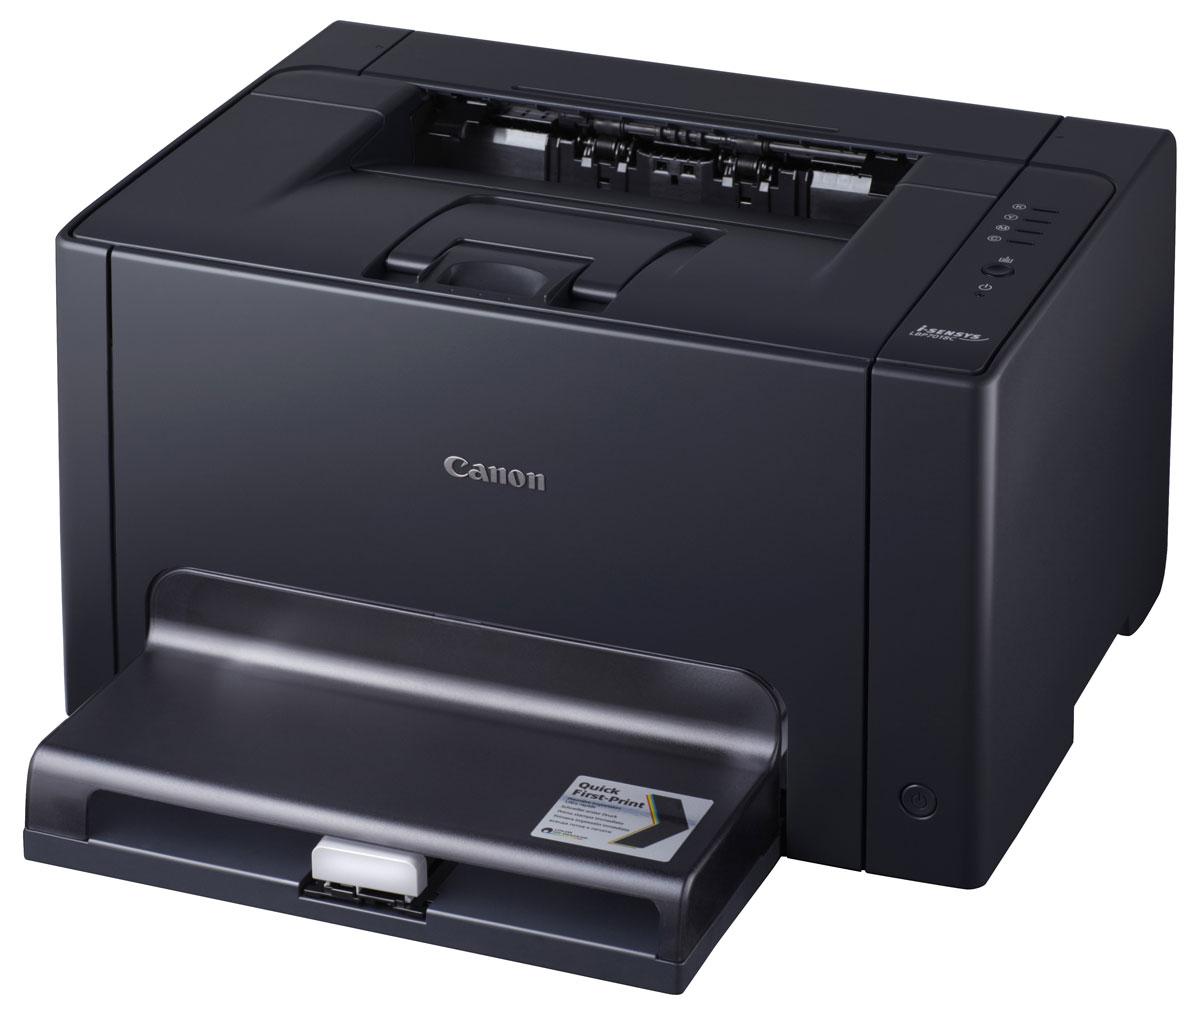 Canon i-Sensys LBP7018C лазерный принтер4896B004Миниатюрный цветной лазерный принтер Canon i-Sensys LBP7018C обеспечивает бескомпромиссное качество и непревзойденную экономию электроэнергии. Стильный, компактный дизайн: Компактная конструкция i-Sensys LBP7018C и низкий уровень шума при работе делают его идеальным настольным принтером для небольших или домашних офисов. Компактный и быстро реагирующий, этот доступный лазерный принтер обеспечивает исключительное качество цветной печати. Быстрая печать: Время ожидания результатов печати сводится к минимуму благодаря технологии Quick First-Print Canon. Скорость печати 16 стр./мин. в черно-белом и 4 стр./мин. в цветном режиме. Благодаря функции First Print Out Time в черно-белом режиме время выхода первого листа всего 13,6 с. Великолепный результат — в цветном и черно-белом режиме: Добейтесь успеха с отличным качеством отпечатков. Благодаря разрешению печати 2400 x 600 точек на дюйм Вы заметите улучшенную детализацию, резкость...